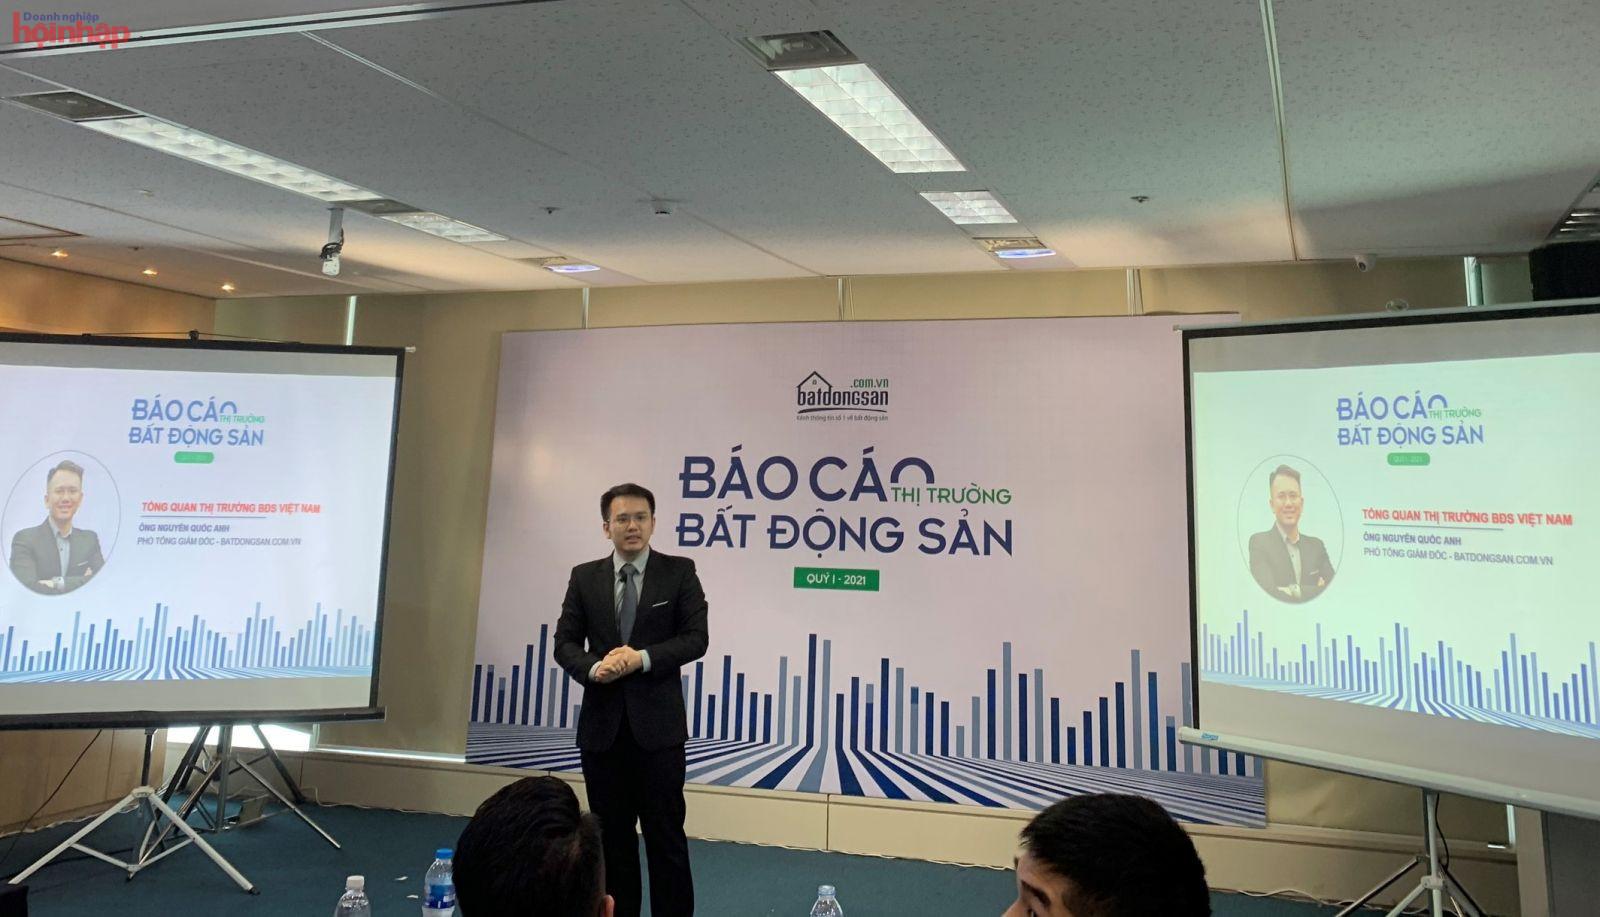 Ông Nguyễn Quốc Anh, Phó Tổng giám đốc Batdongsan.com.vn phát biểu.